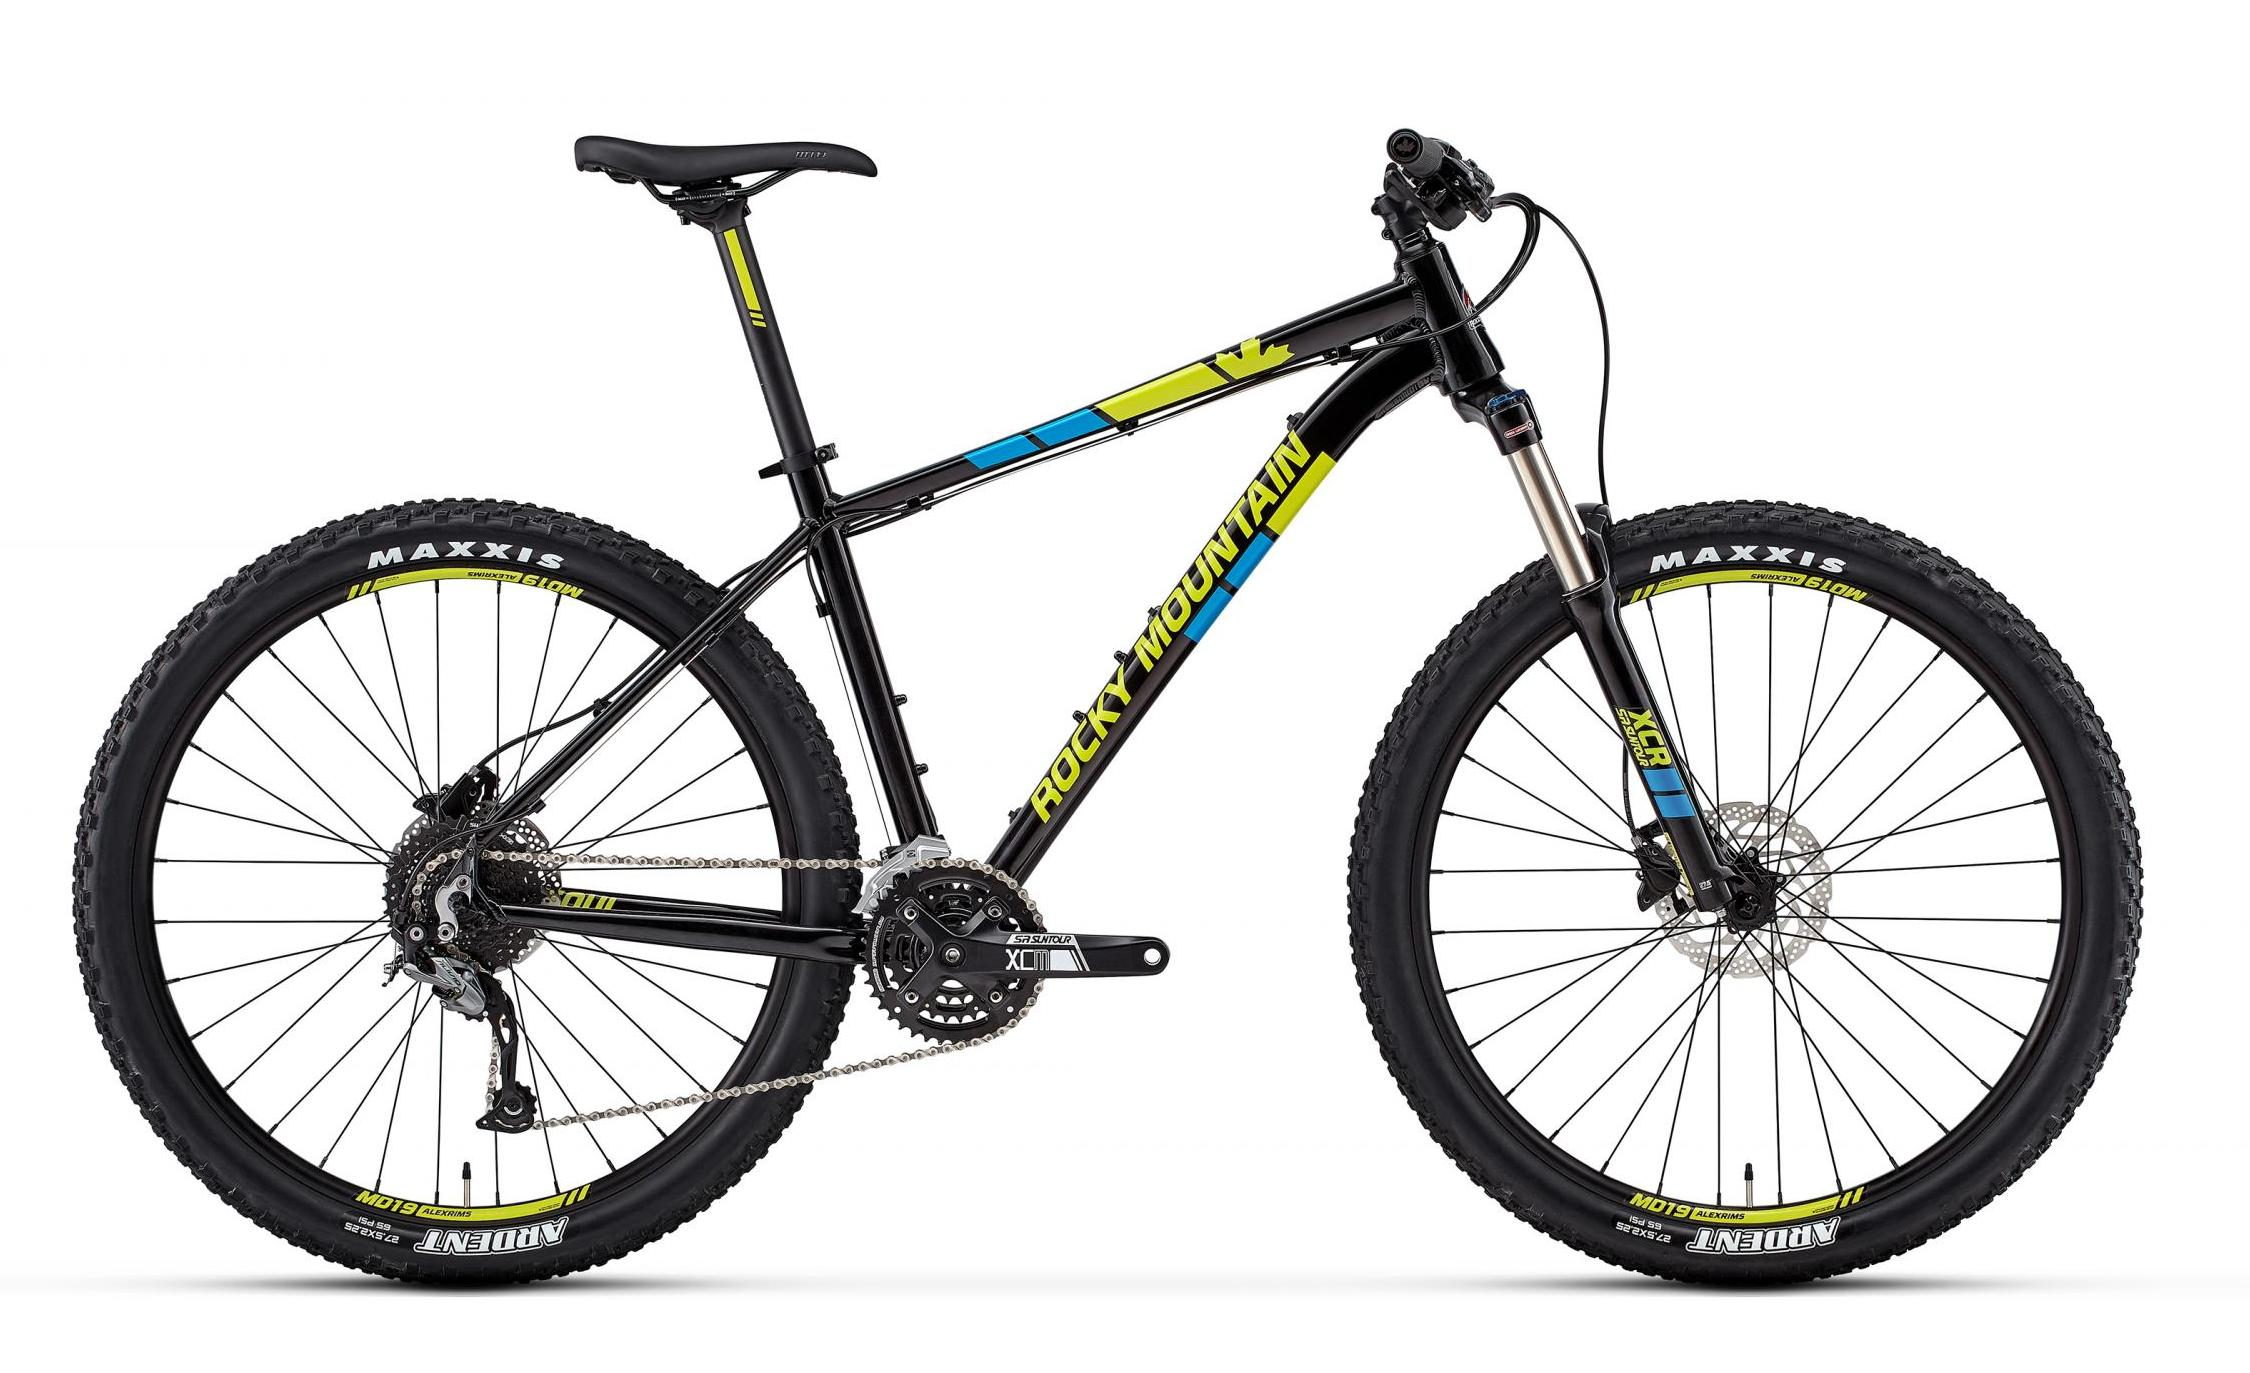 Велосипед ROCKY MOUNTAIN SOUL 20 C1 2018, Велосипеды - арт. 1030090390